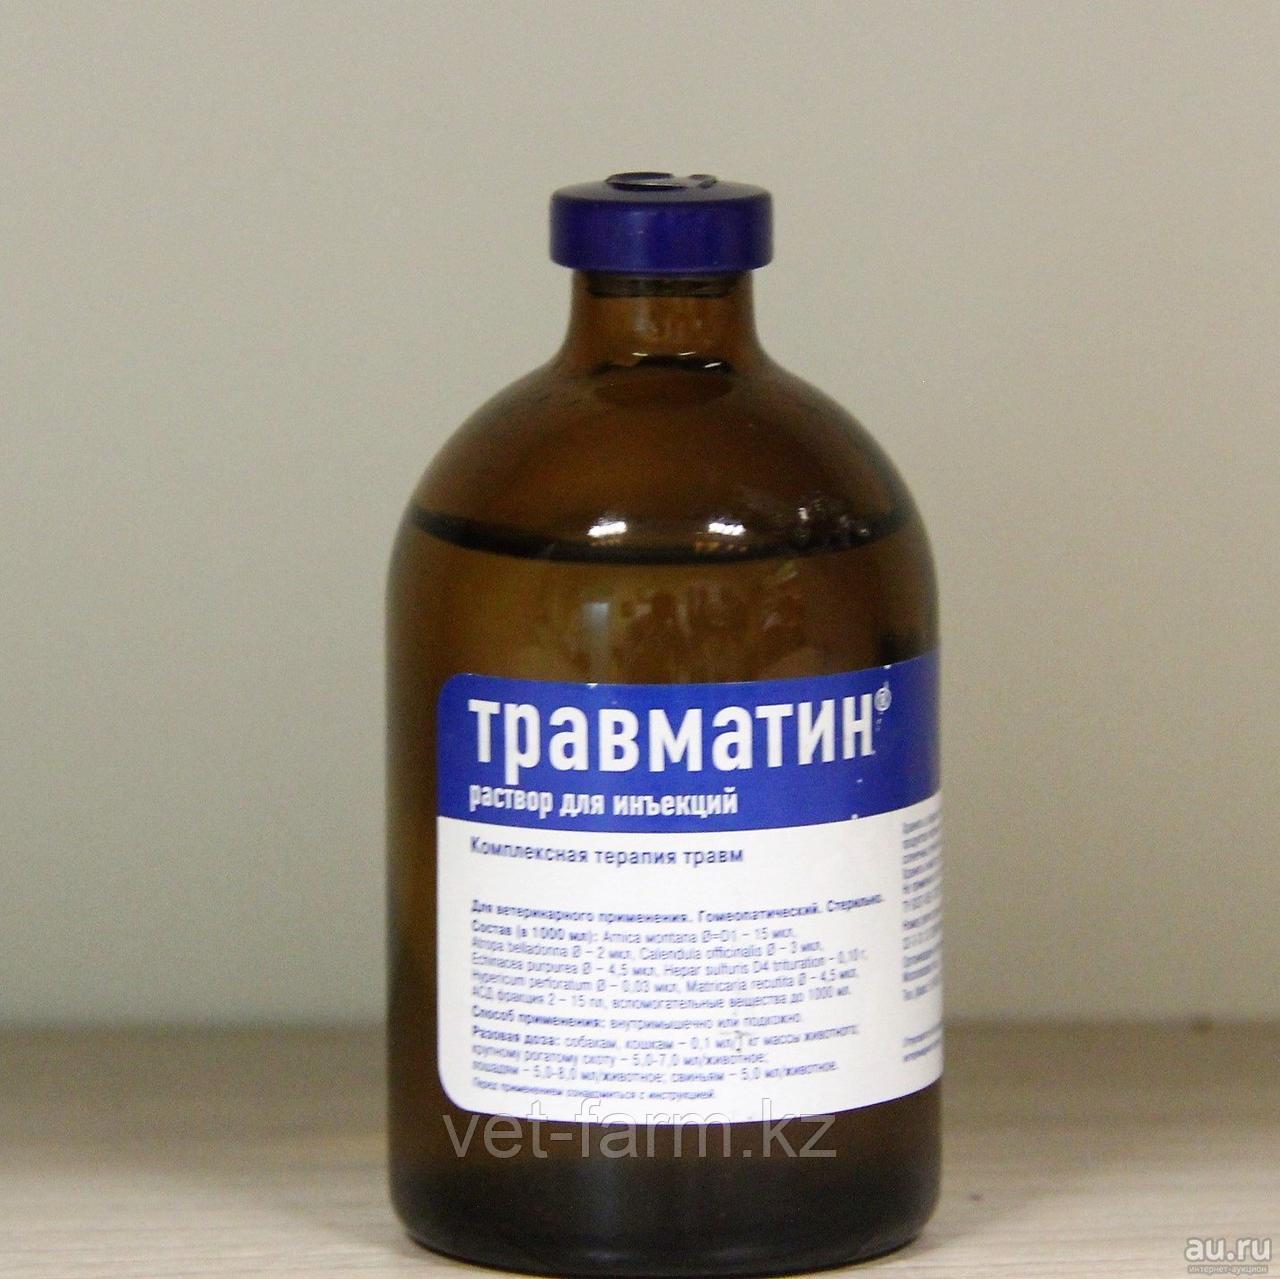 Травматин 100 ил раствор для инъекций